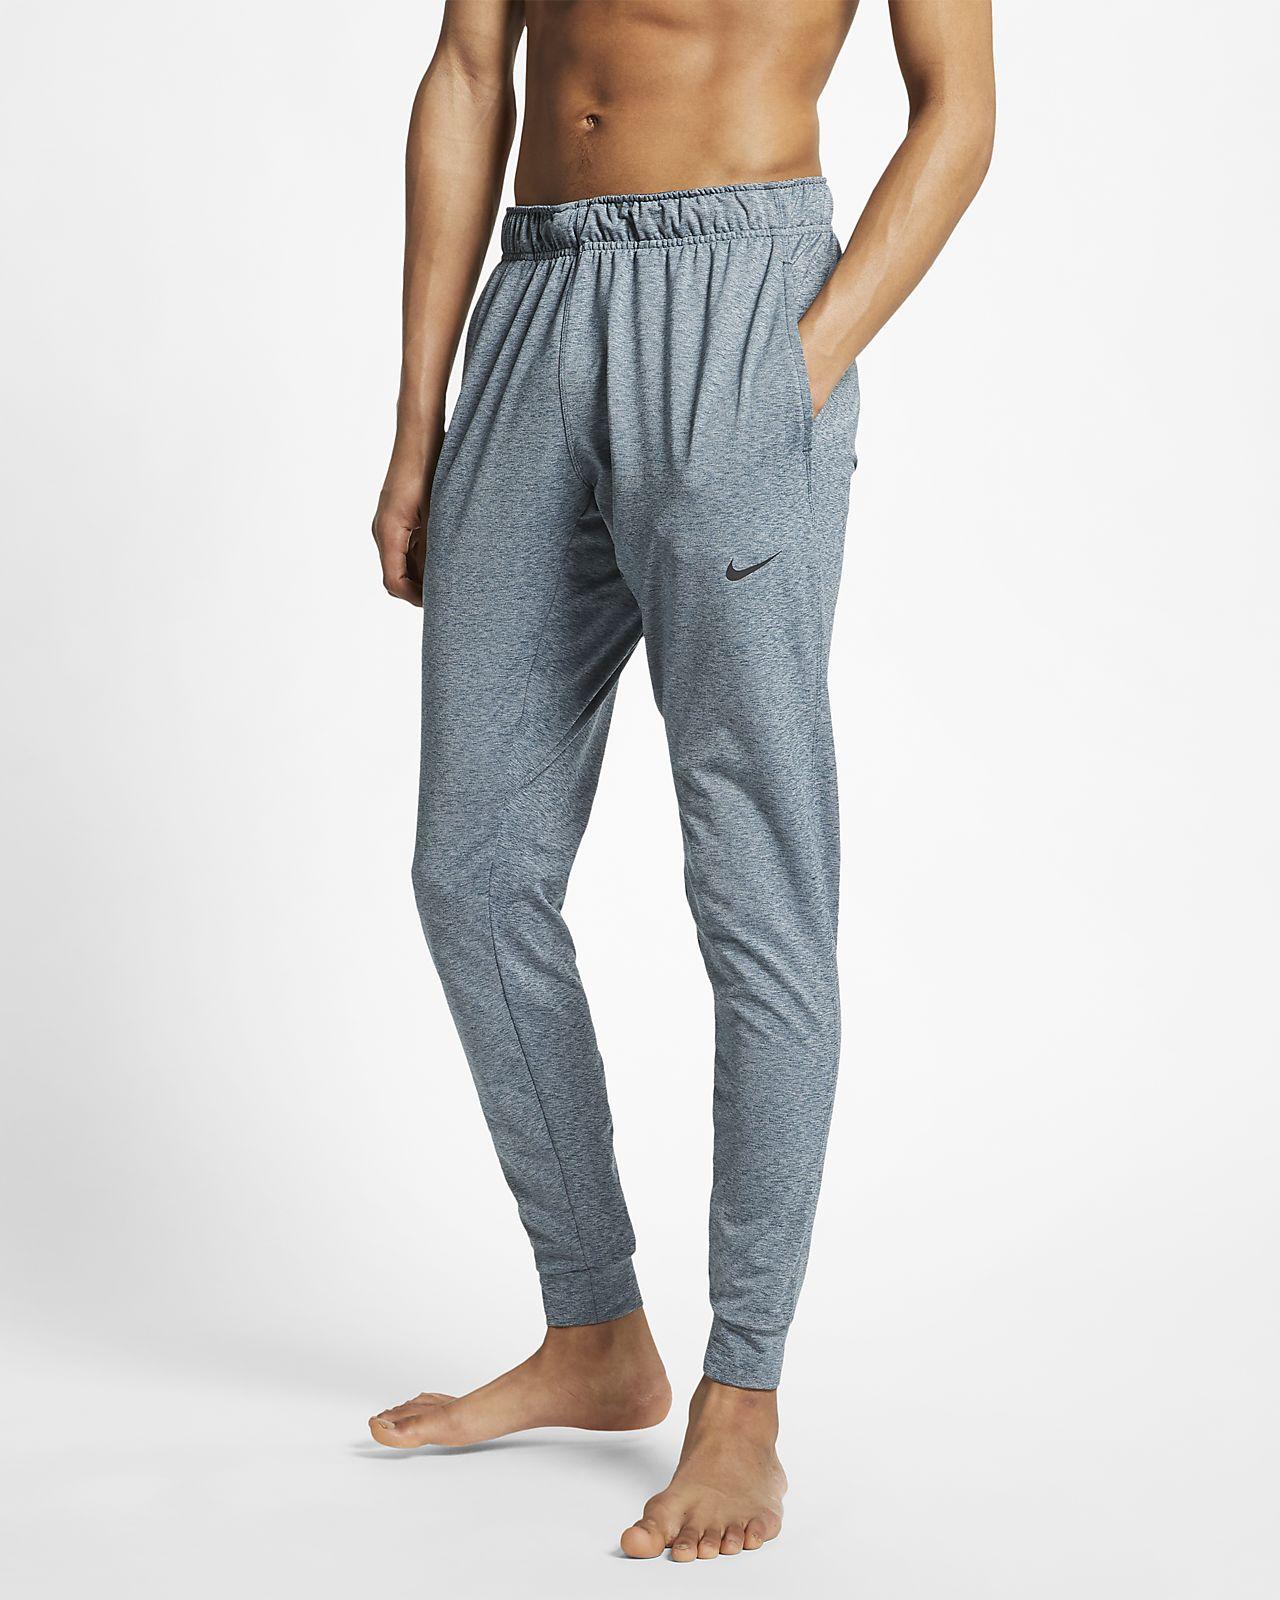 Nike Dri-FIT yogabukse til herre